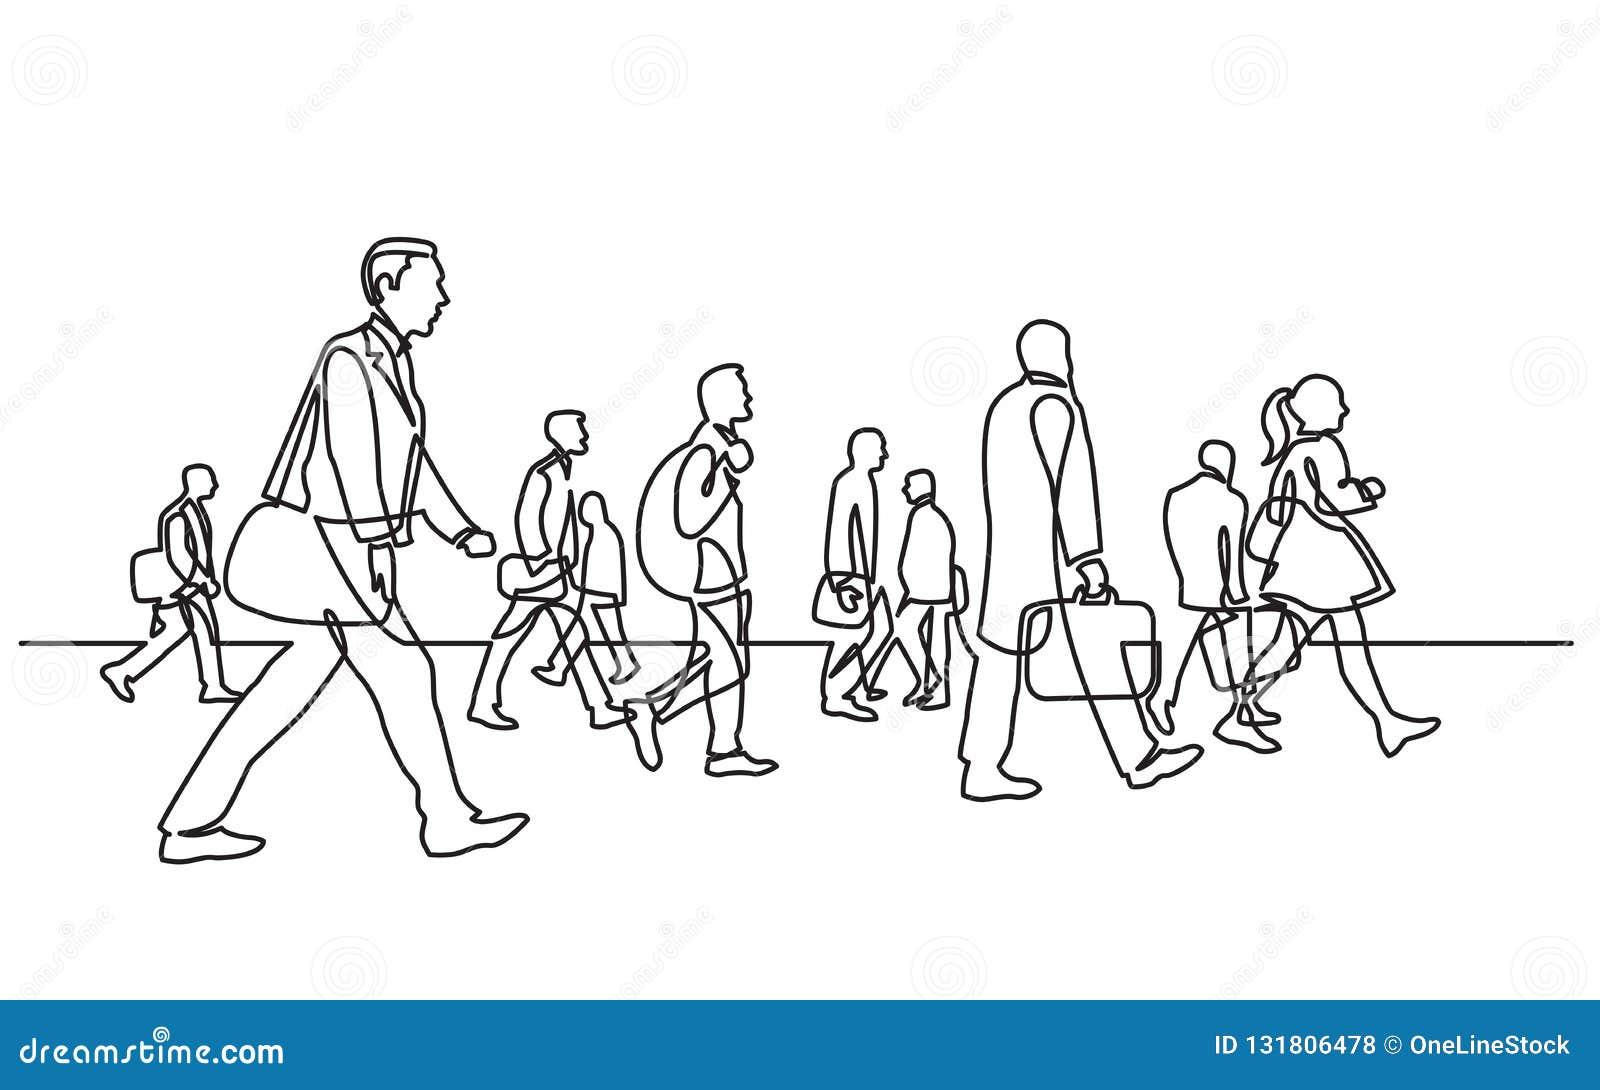 Disegno a tratteggio continuo dei pendolari urbani che camminano sulla via della città